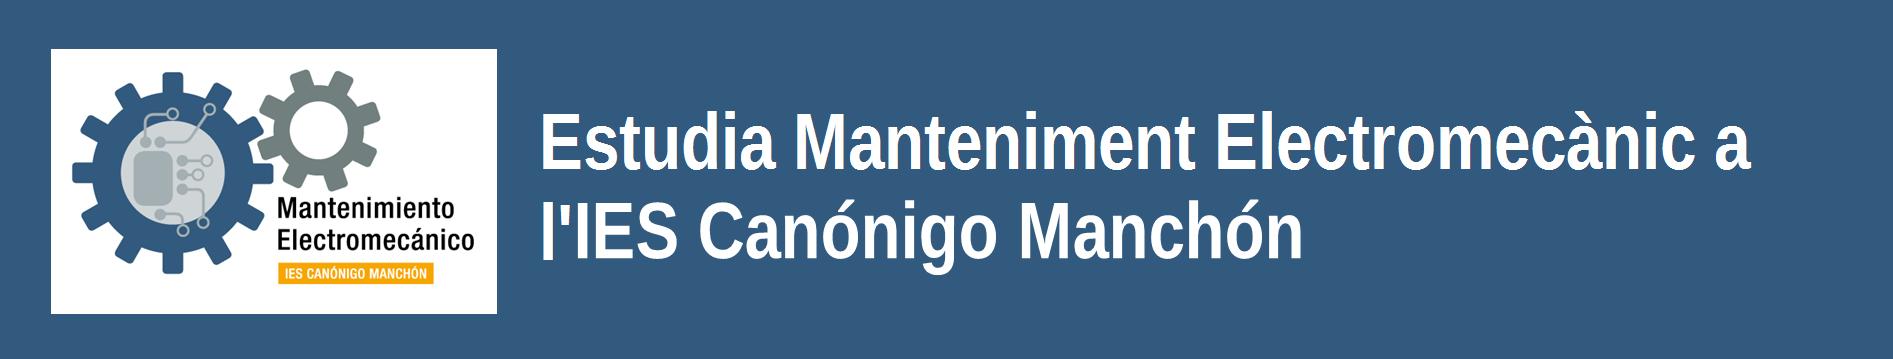 Estudia Mantenimiento Electromecánico en el IES Canónigo Manchón - valenciano